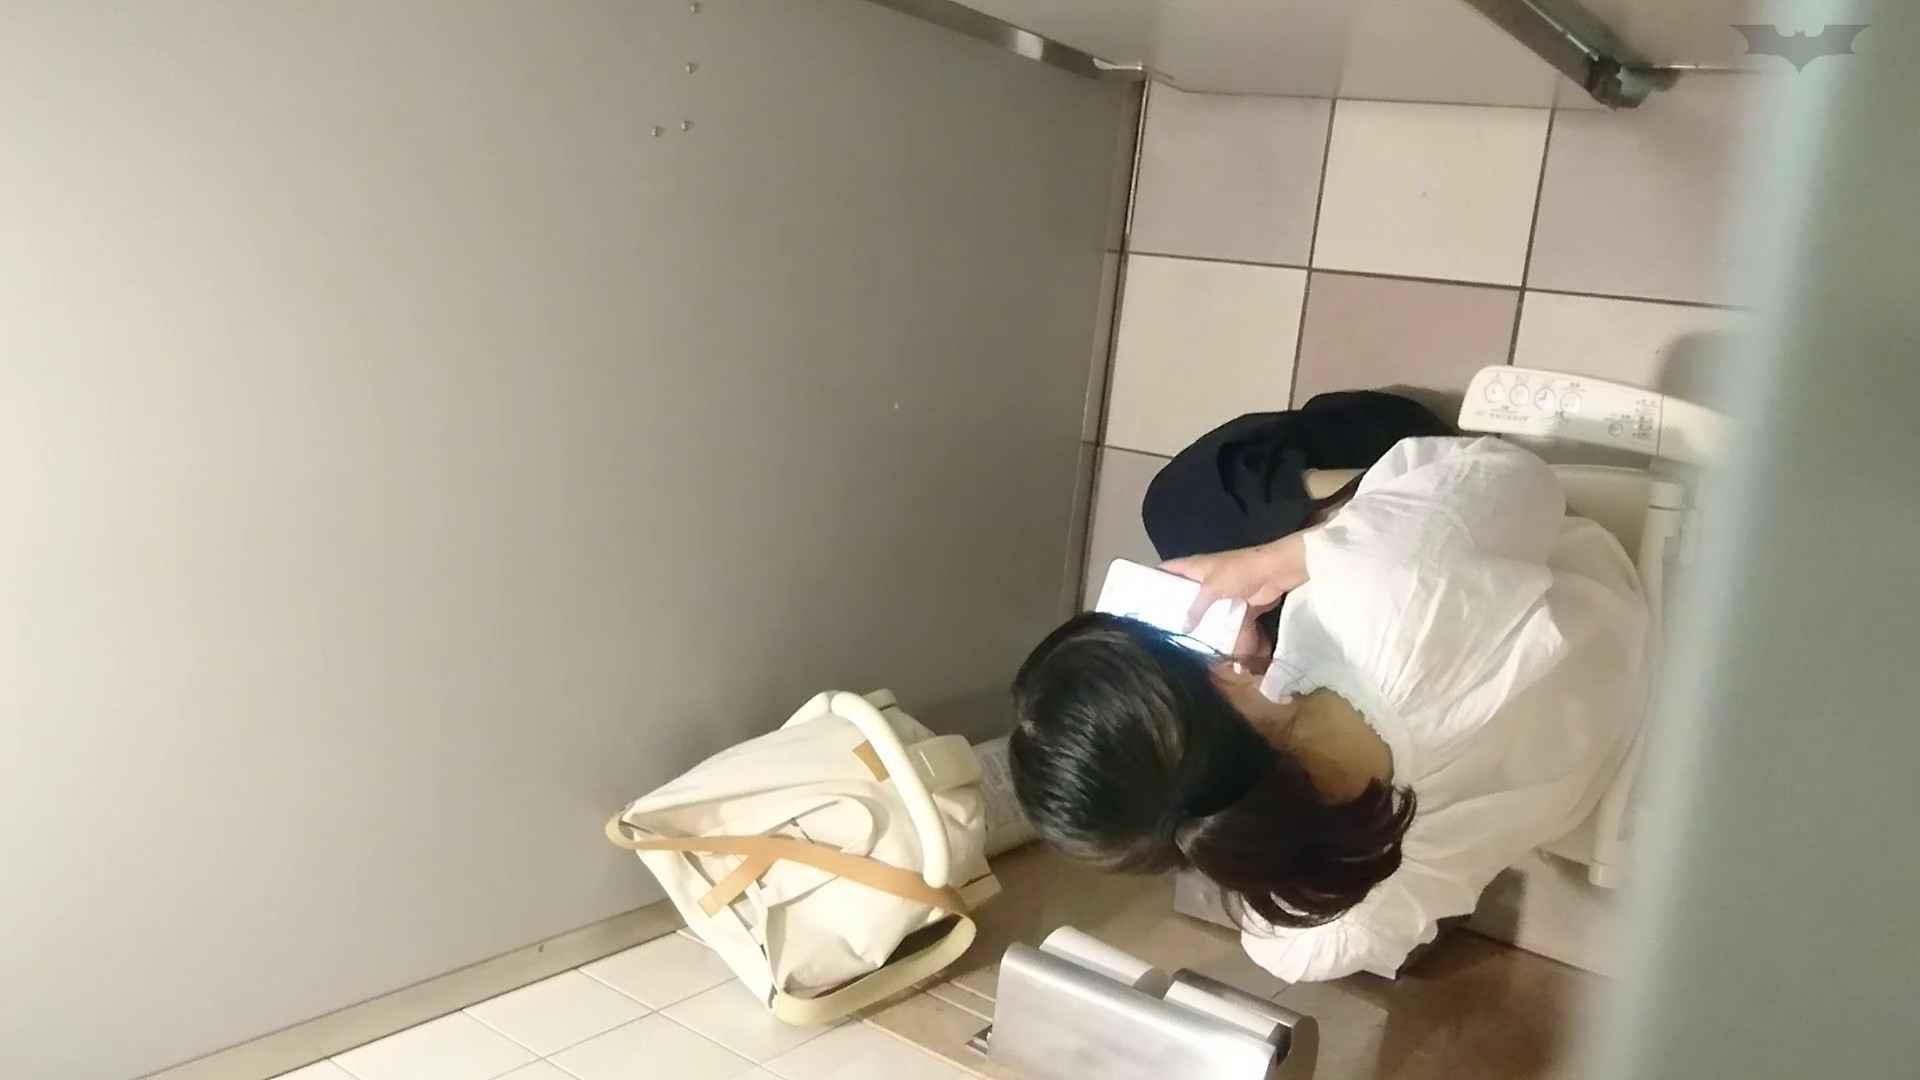 化粧室絵巻 ショッピングモール編 VOL.22 いやらしいOL   0  46連発 11